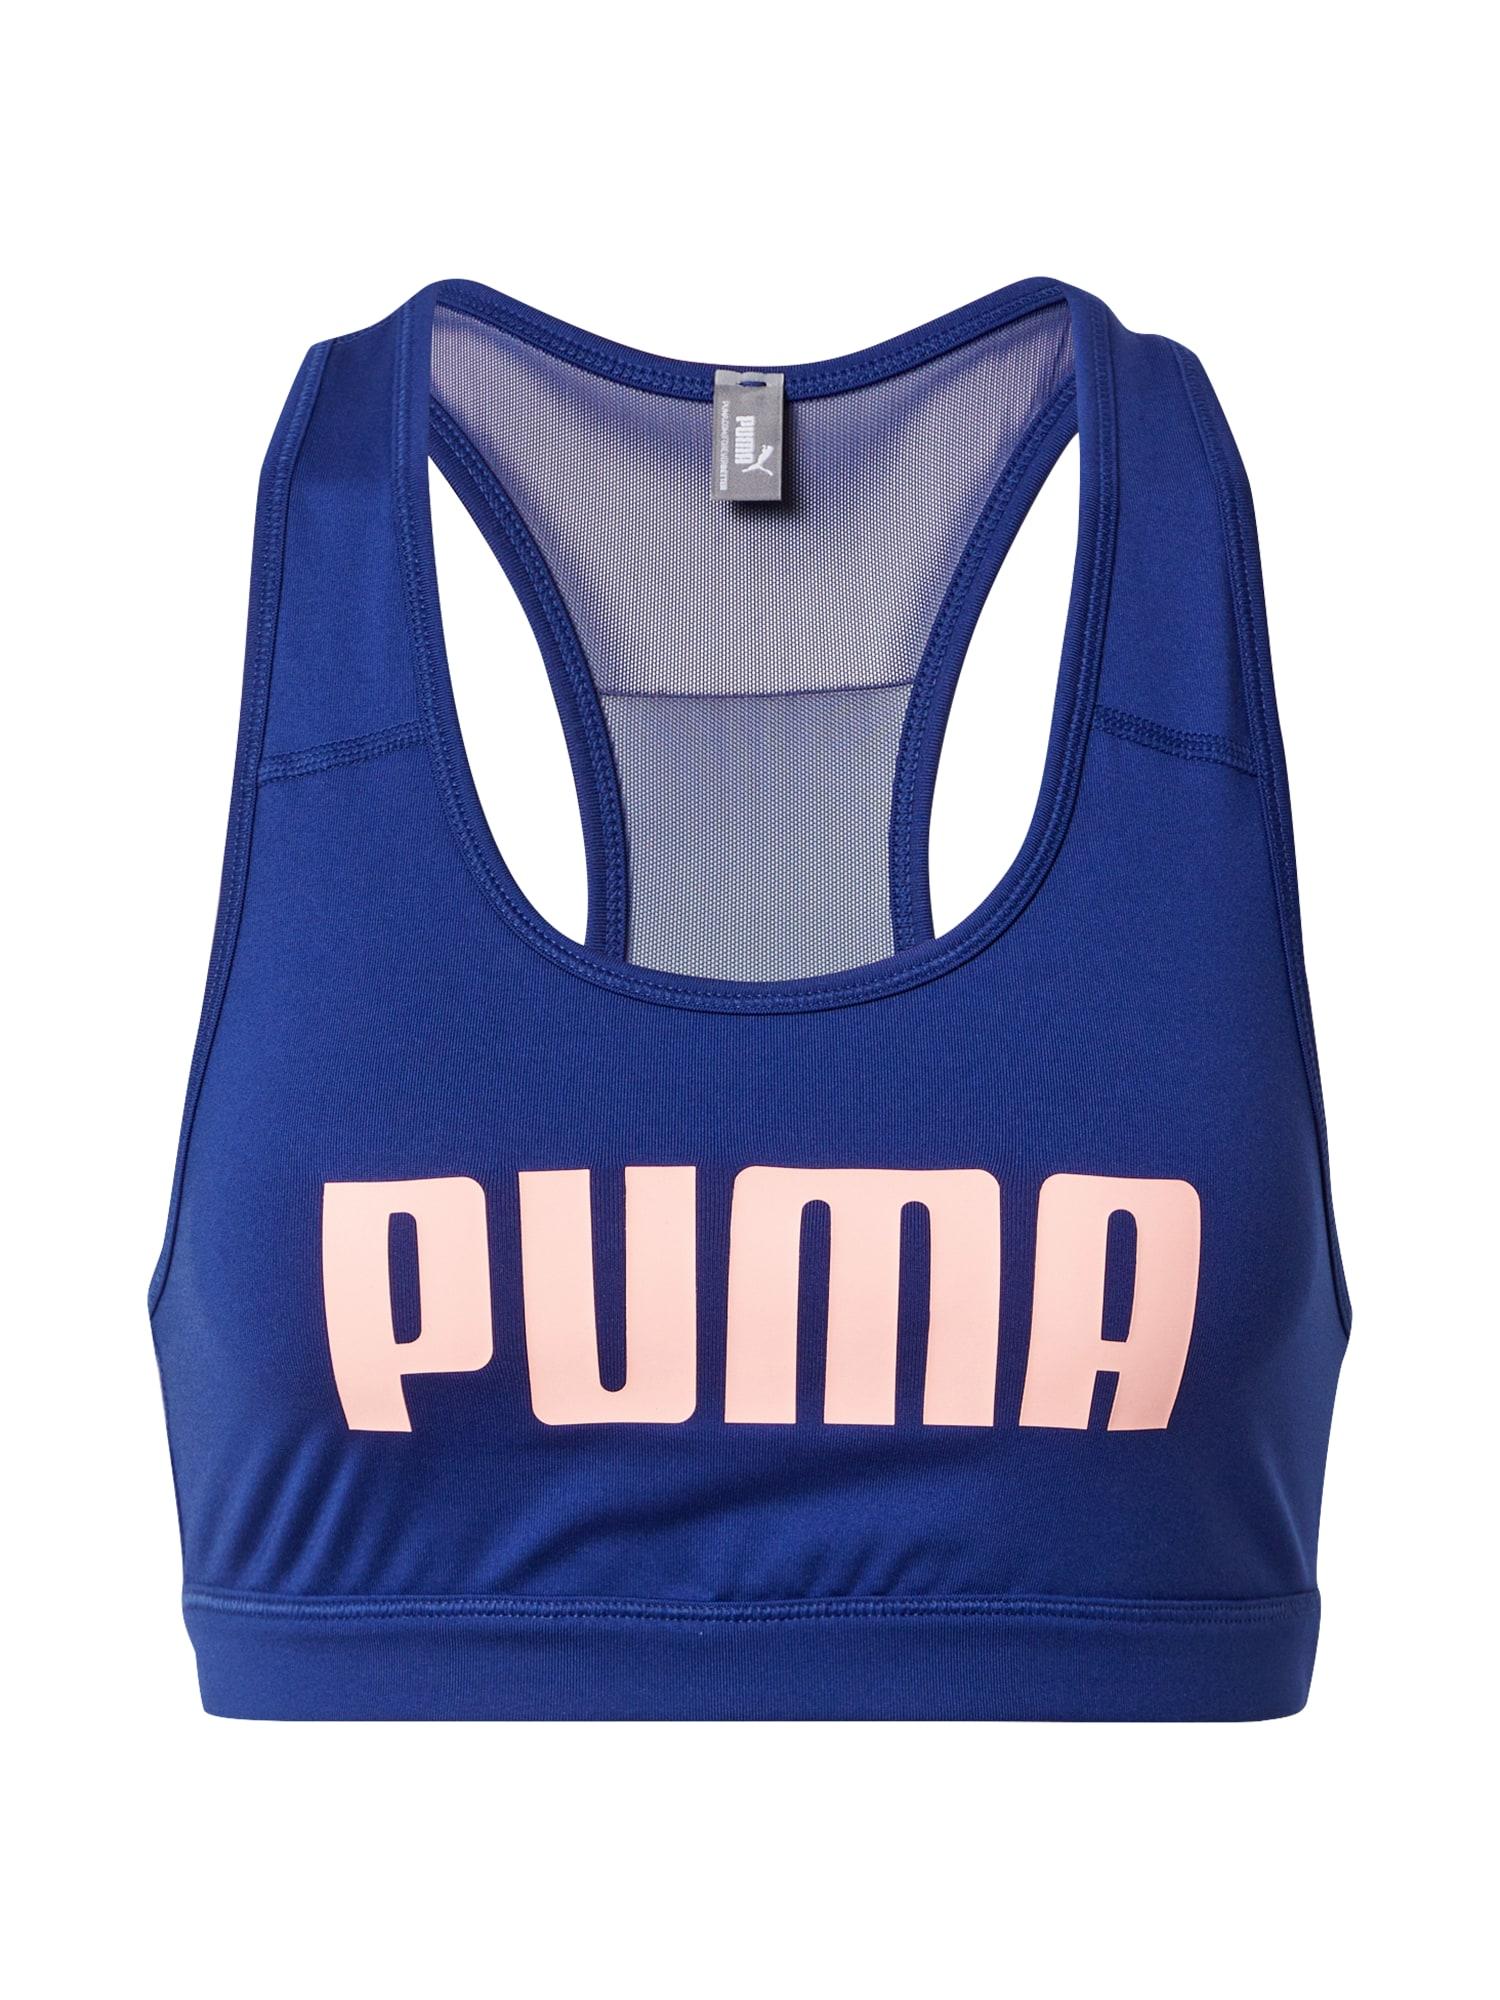 PUMA Sportovní podprsenka 'Impact 4Keeps'  námořnická modř / pastelově růžová